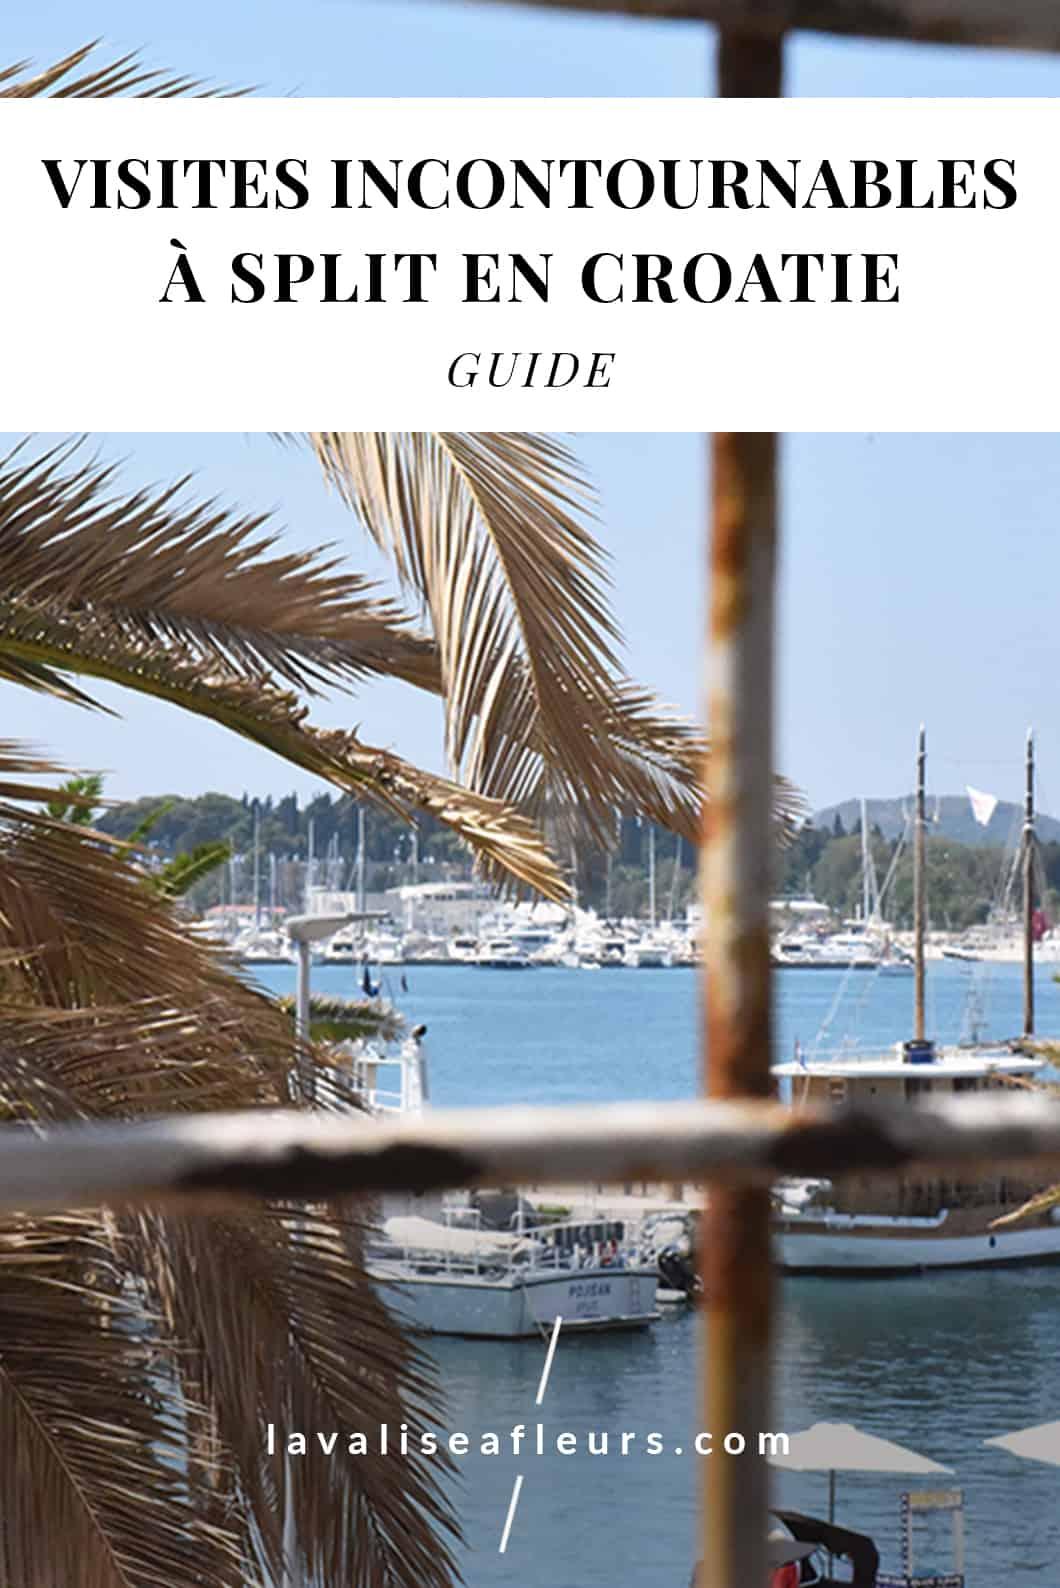 Visites incontournables à Split en Croatie